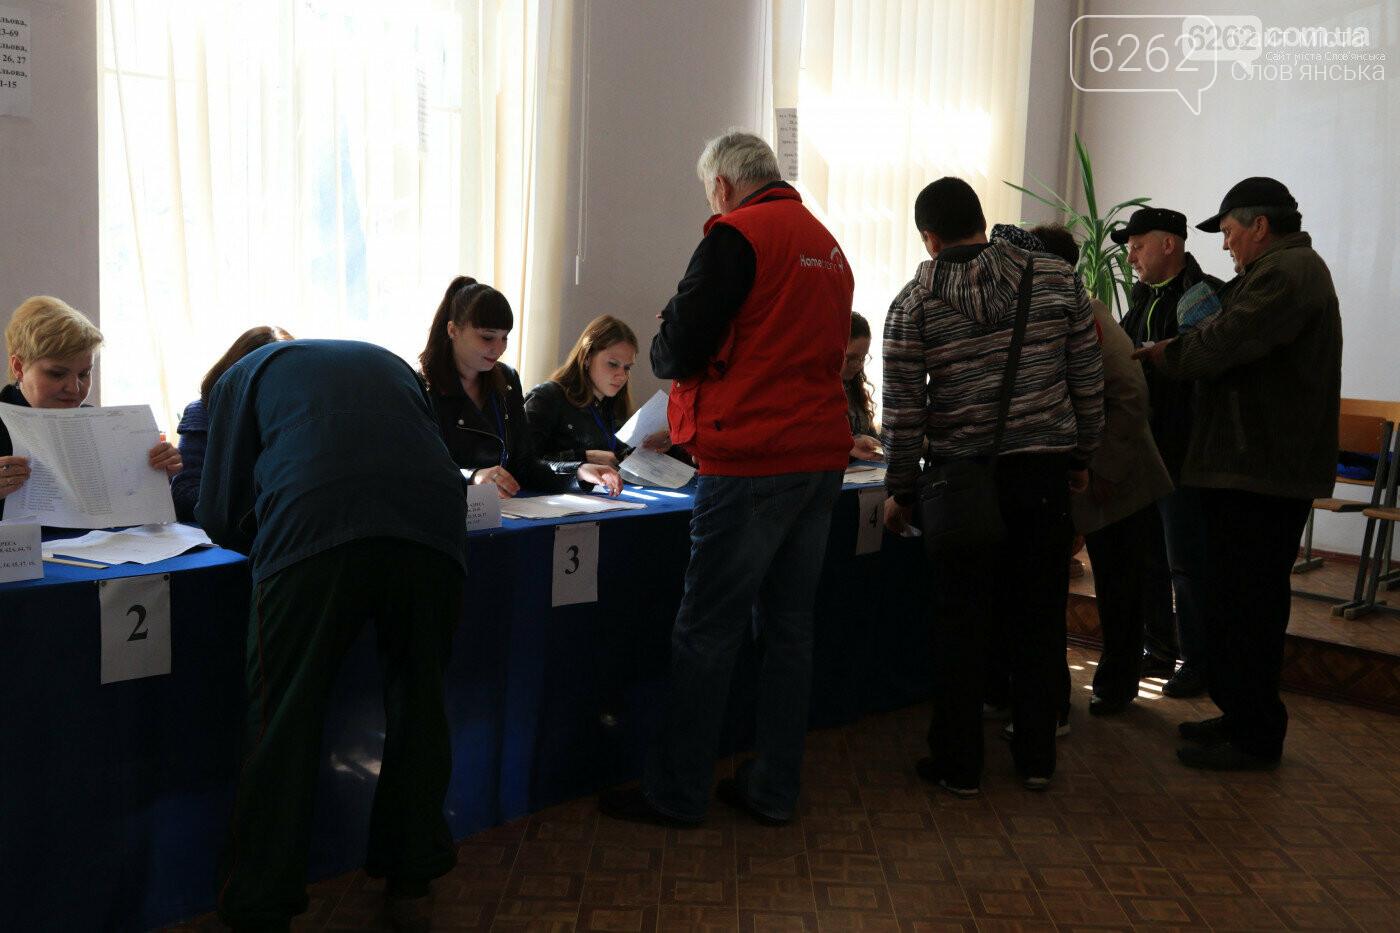 Порушення на виборах: як це відбувається і куди повідомляти, фото-2